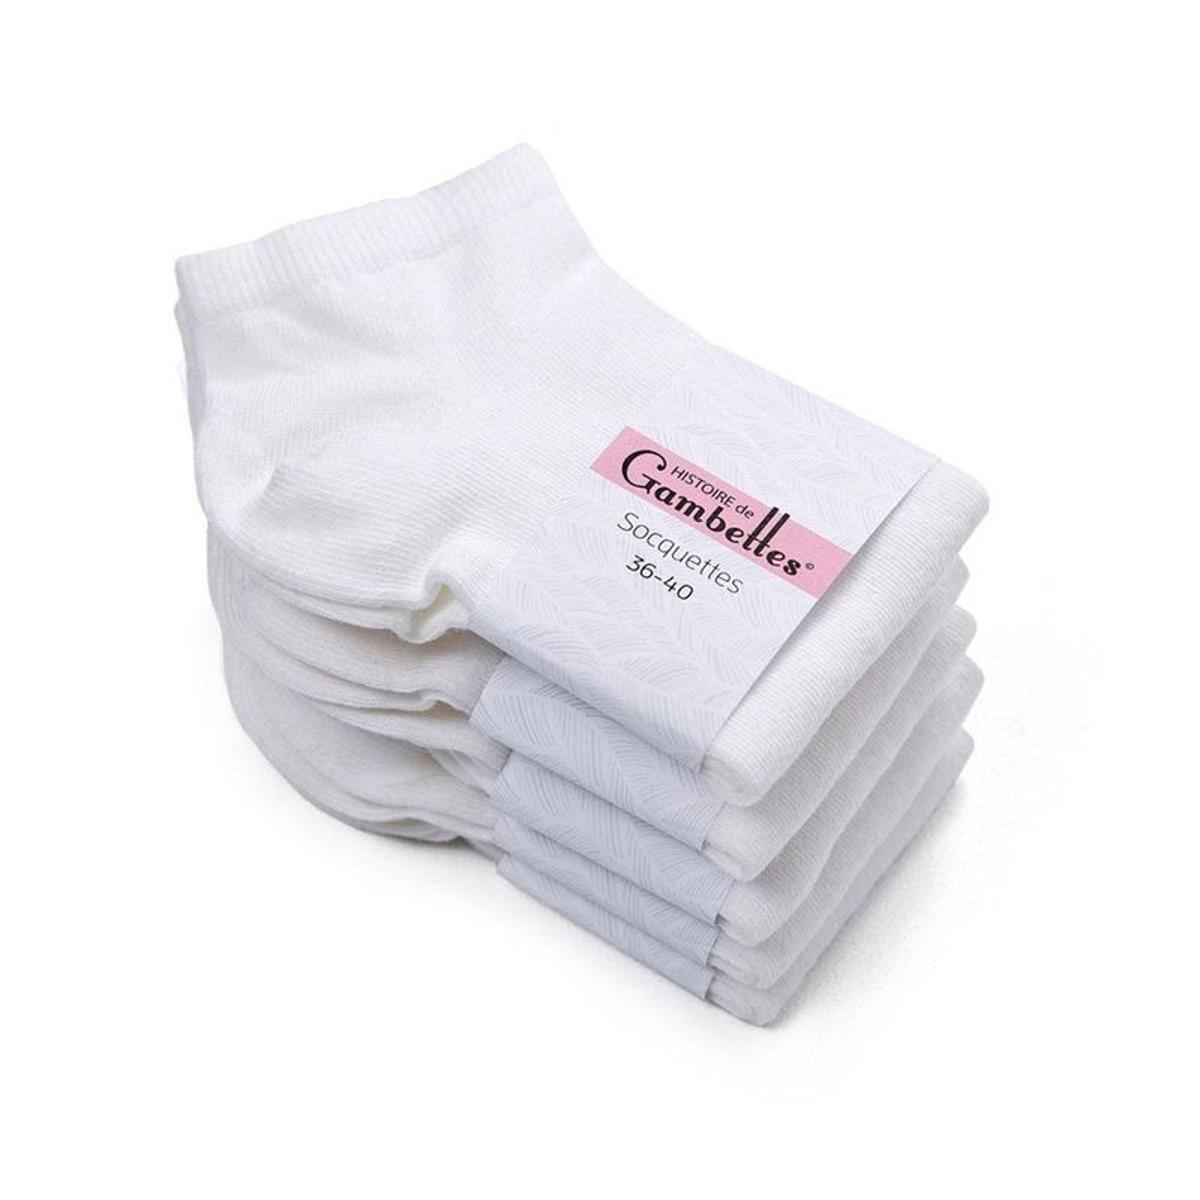 Socquettes coton  Lot 5 paires - Fabriqué en europe